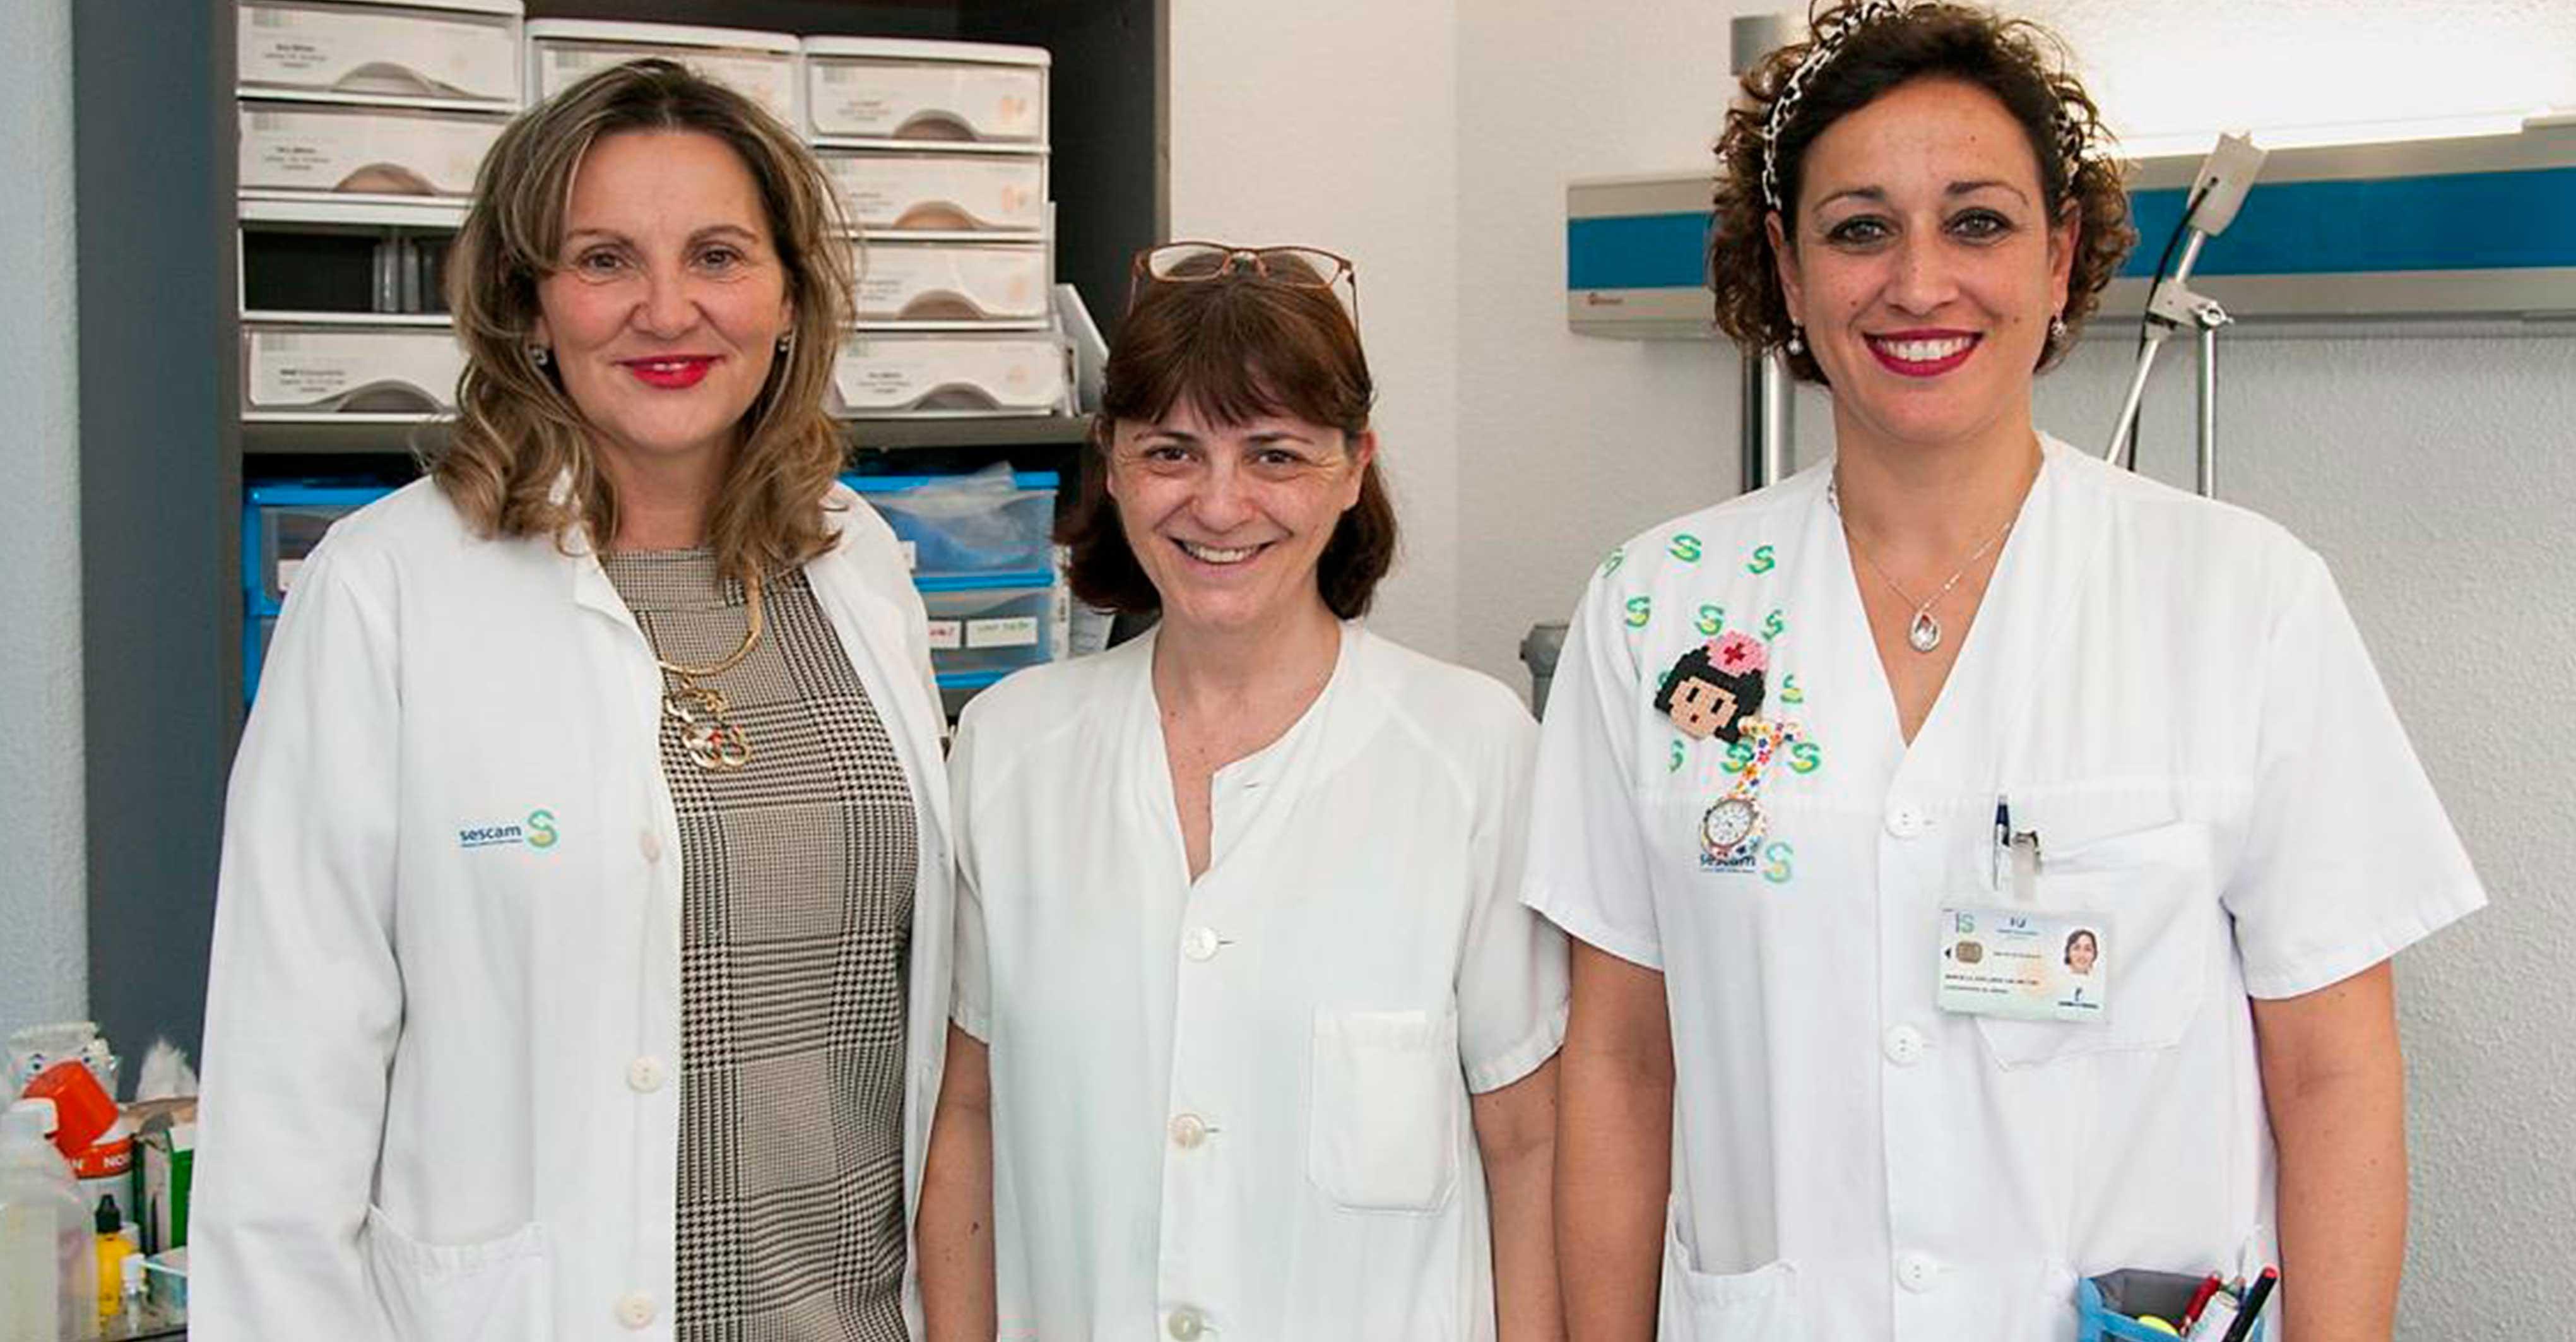 El Hospital de Guadalajara pone en marcha una consulta específica de estomaterapia para mejorar la atención integral a los pacientes ostomizados